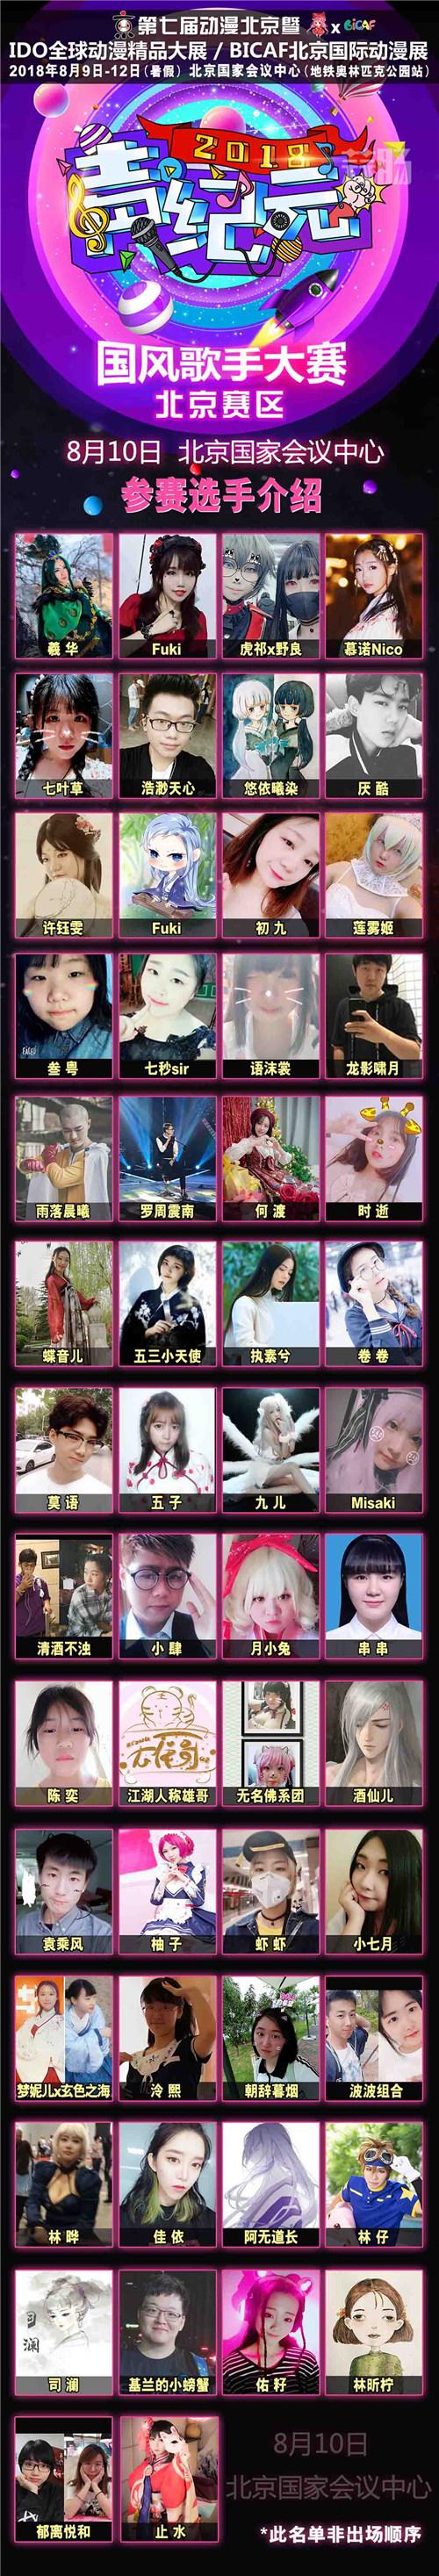 年度超人气二次元盛会第七届动漫北京即将开幕! 漫展 第13张